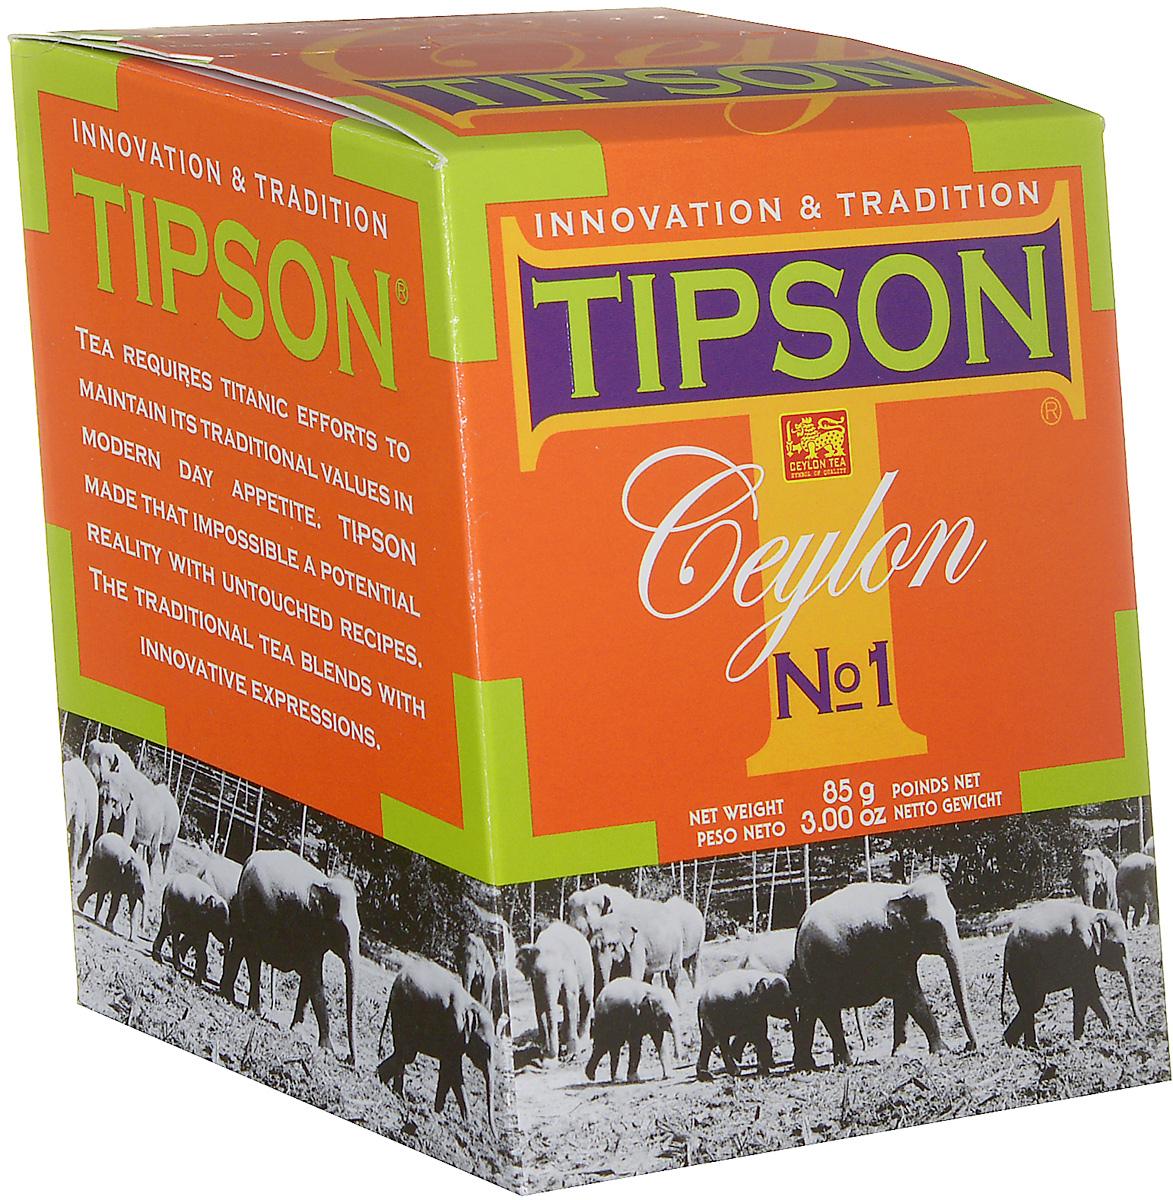 Tipson Ceylon №1 черный листовой чай, 85 г80001-00Чай чёрный цейлонский байховый листовой Tipson Ceylon №1. Чай, произрастающий на острове Цейлон, давно признан лучшим в мире. Эксперты Tipson предлагают вам чай №1, в котором найден гармоничный баланс между силой вкуса и элегантностью аромата.